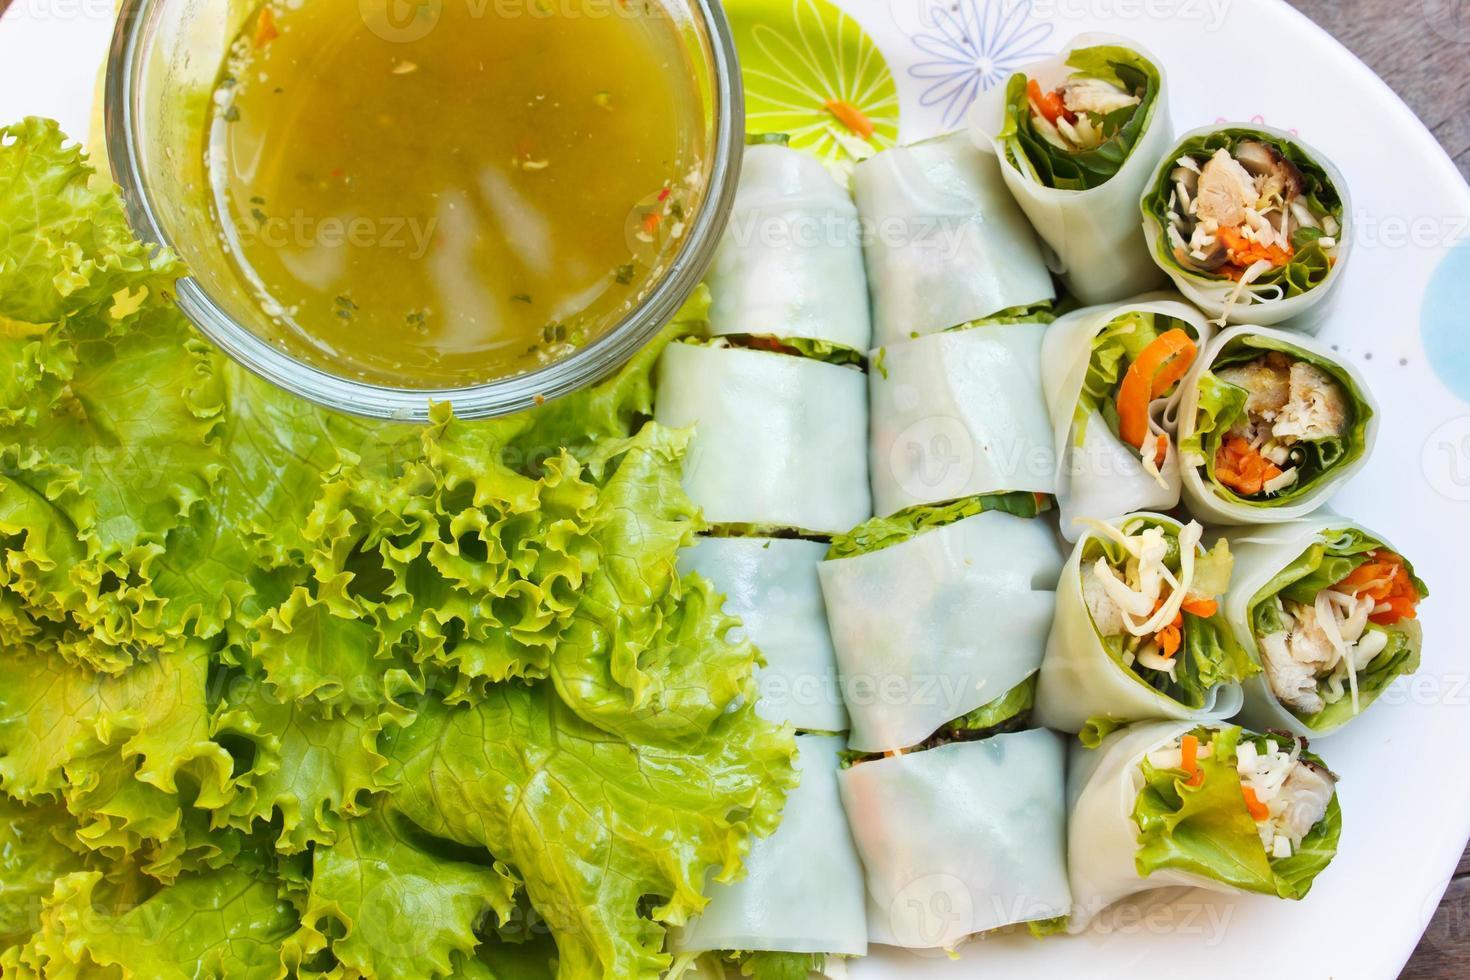 gewickelte gebratene Makrele mit Nudeln, thailändisches Essen. foto